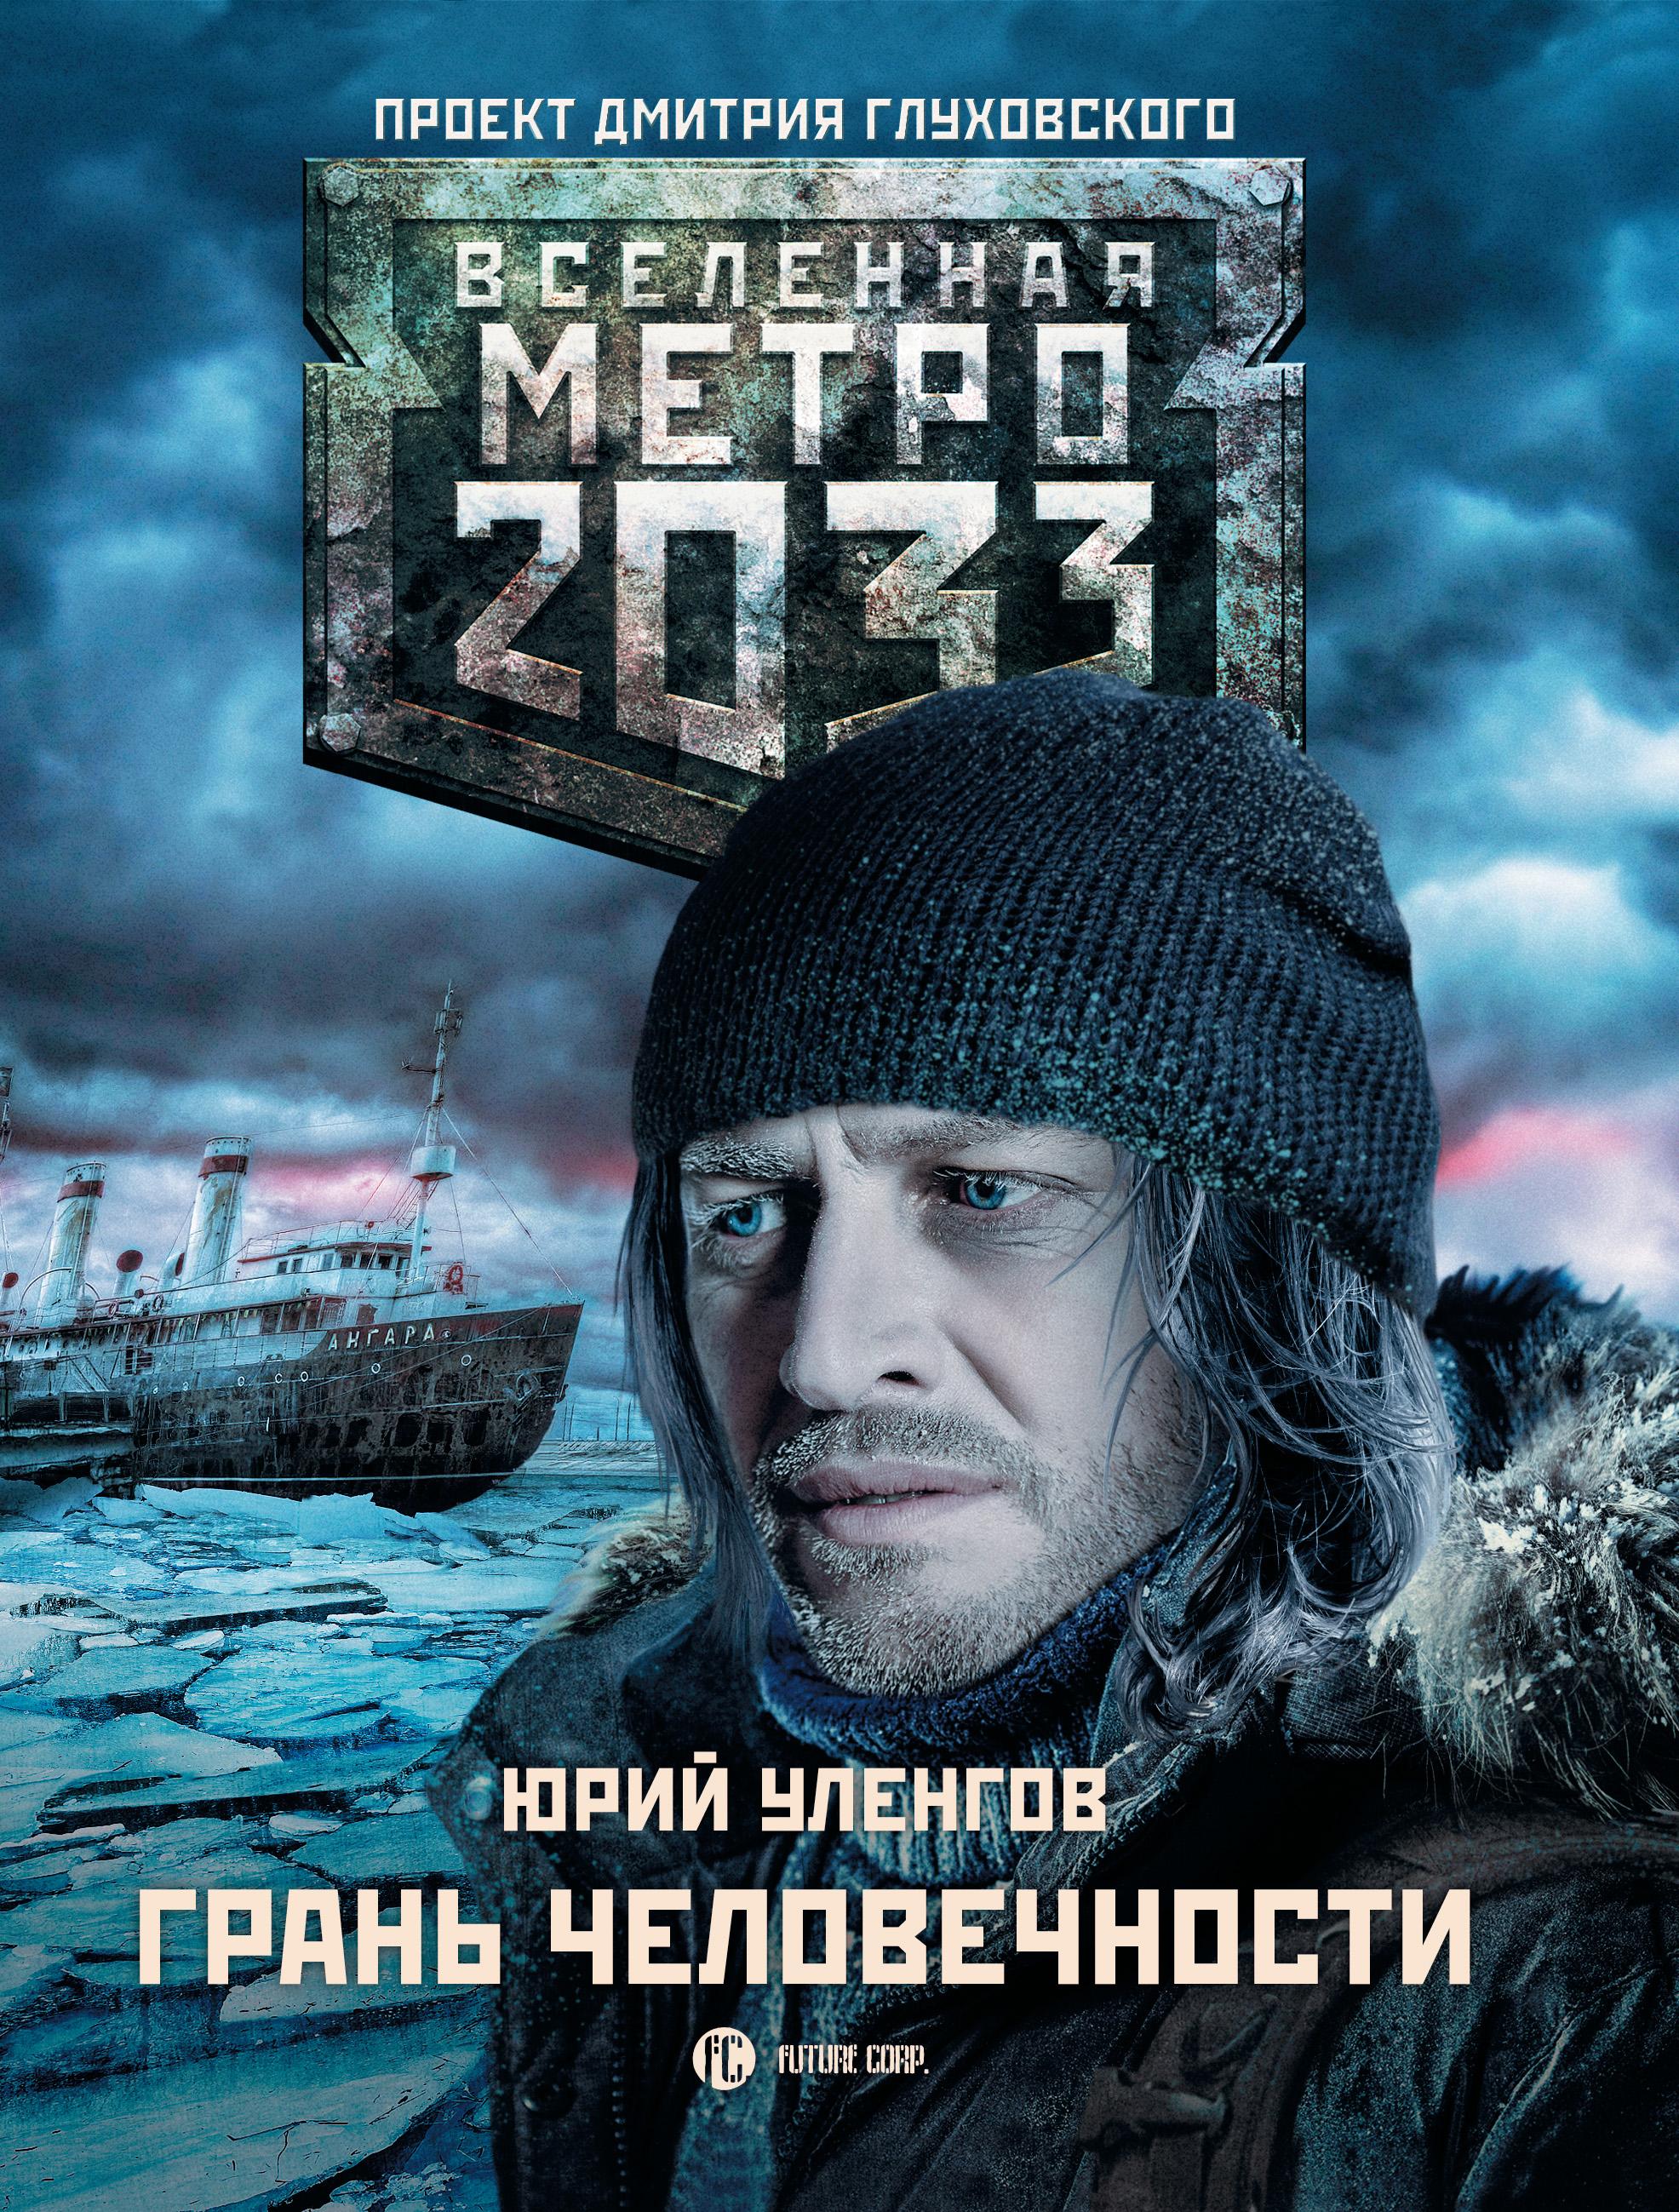 Юрий Уленгов Метро 2033. Грань человечности уленгов ю метро 2033 грань человечности isbn 9785170979134